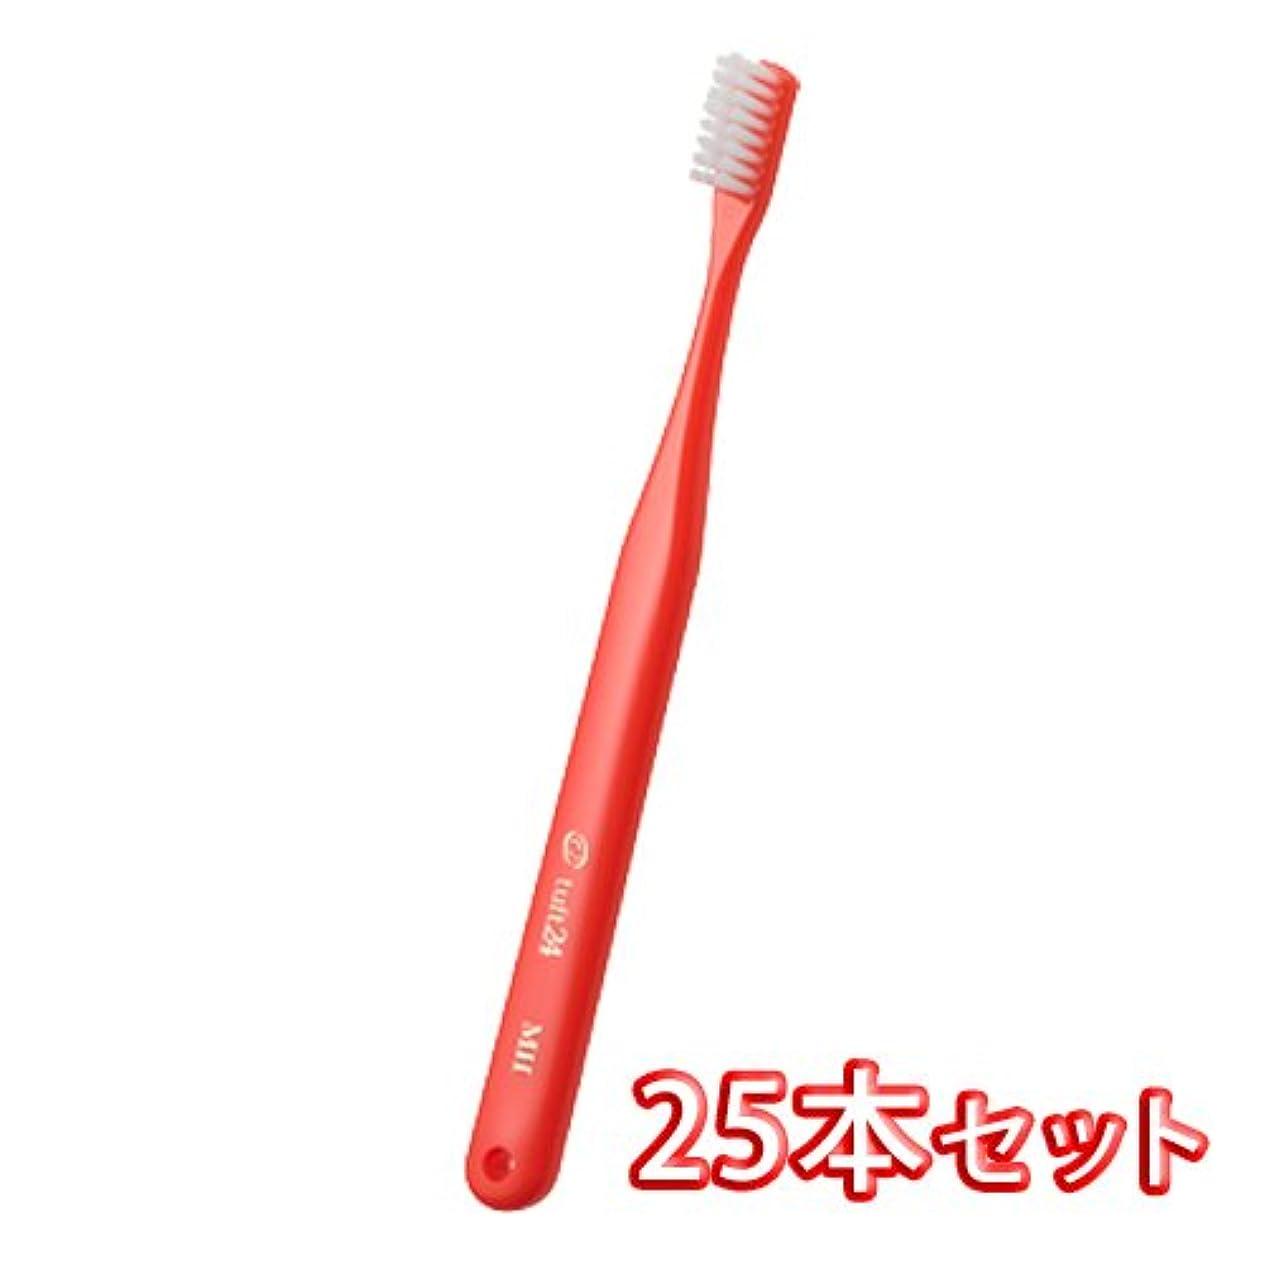 科学的背の高い修士号オーラルケア キャップ付き タフト 24歯ブラシ 25本入 ミディアム M (レッド)